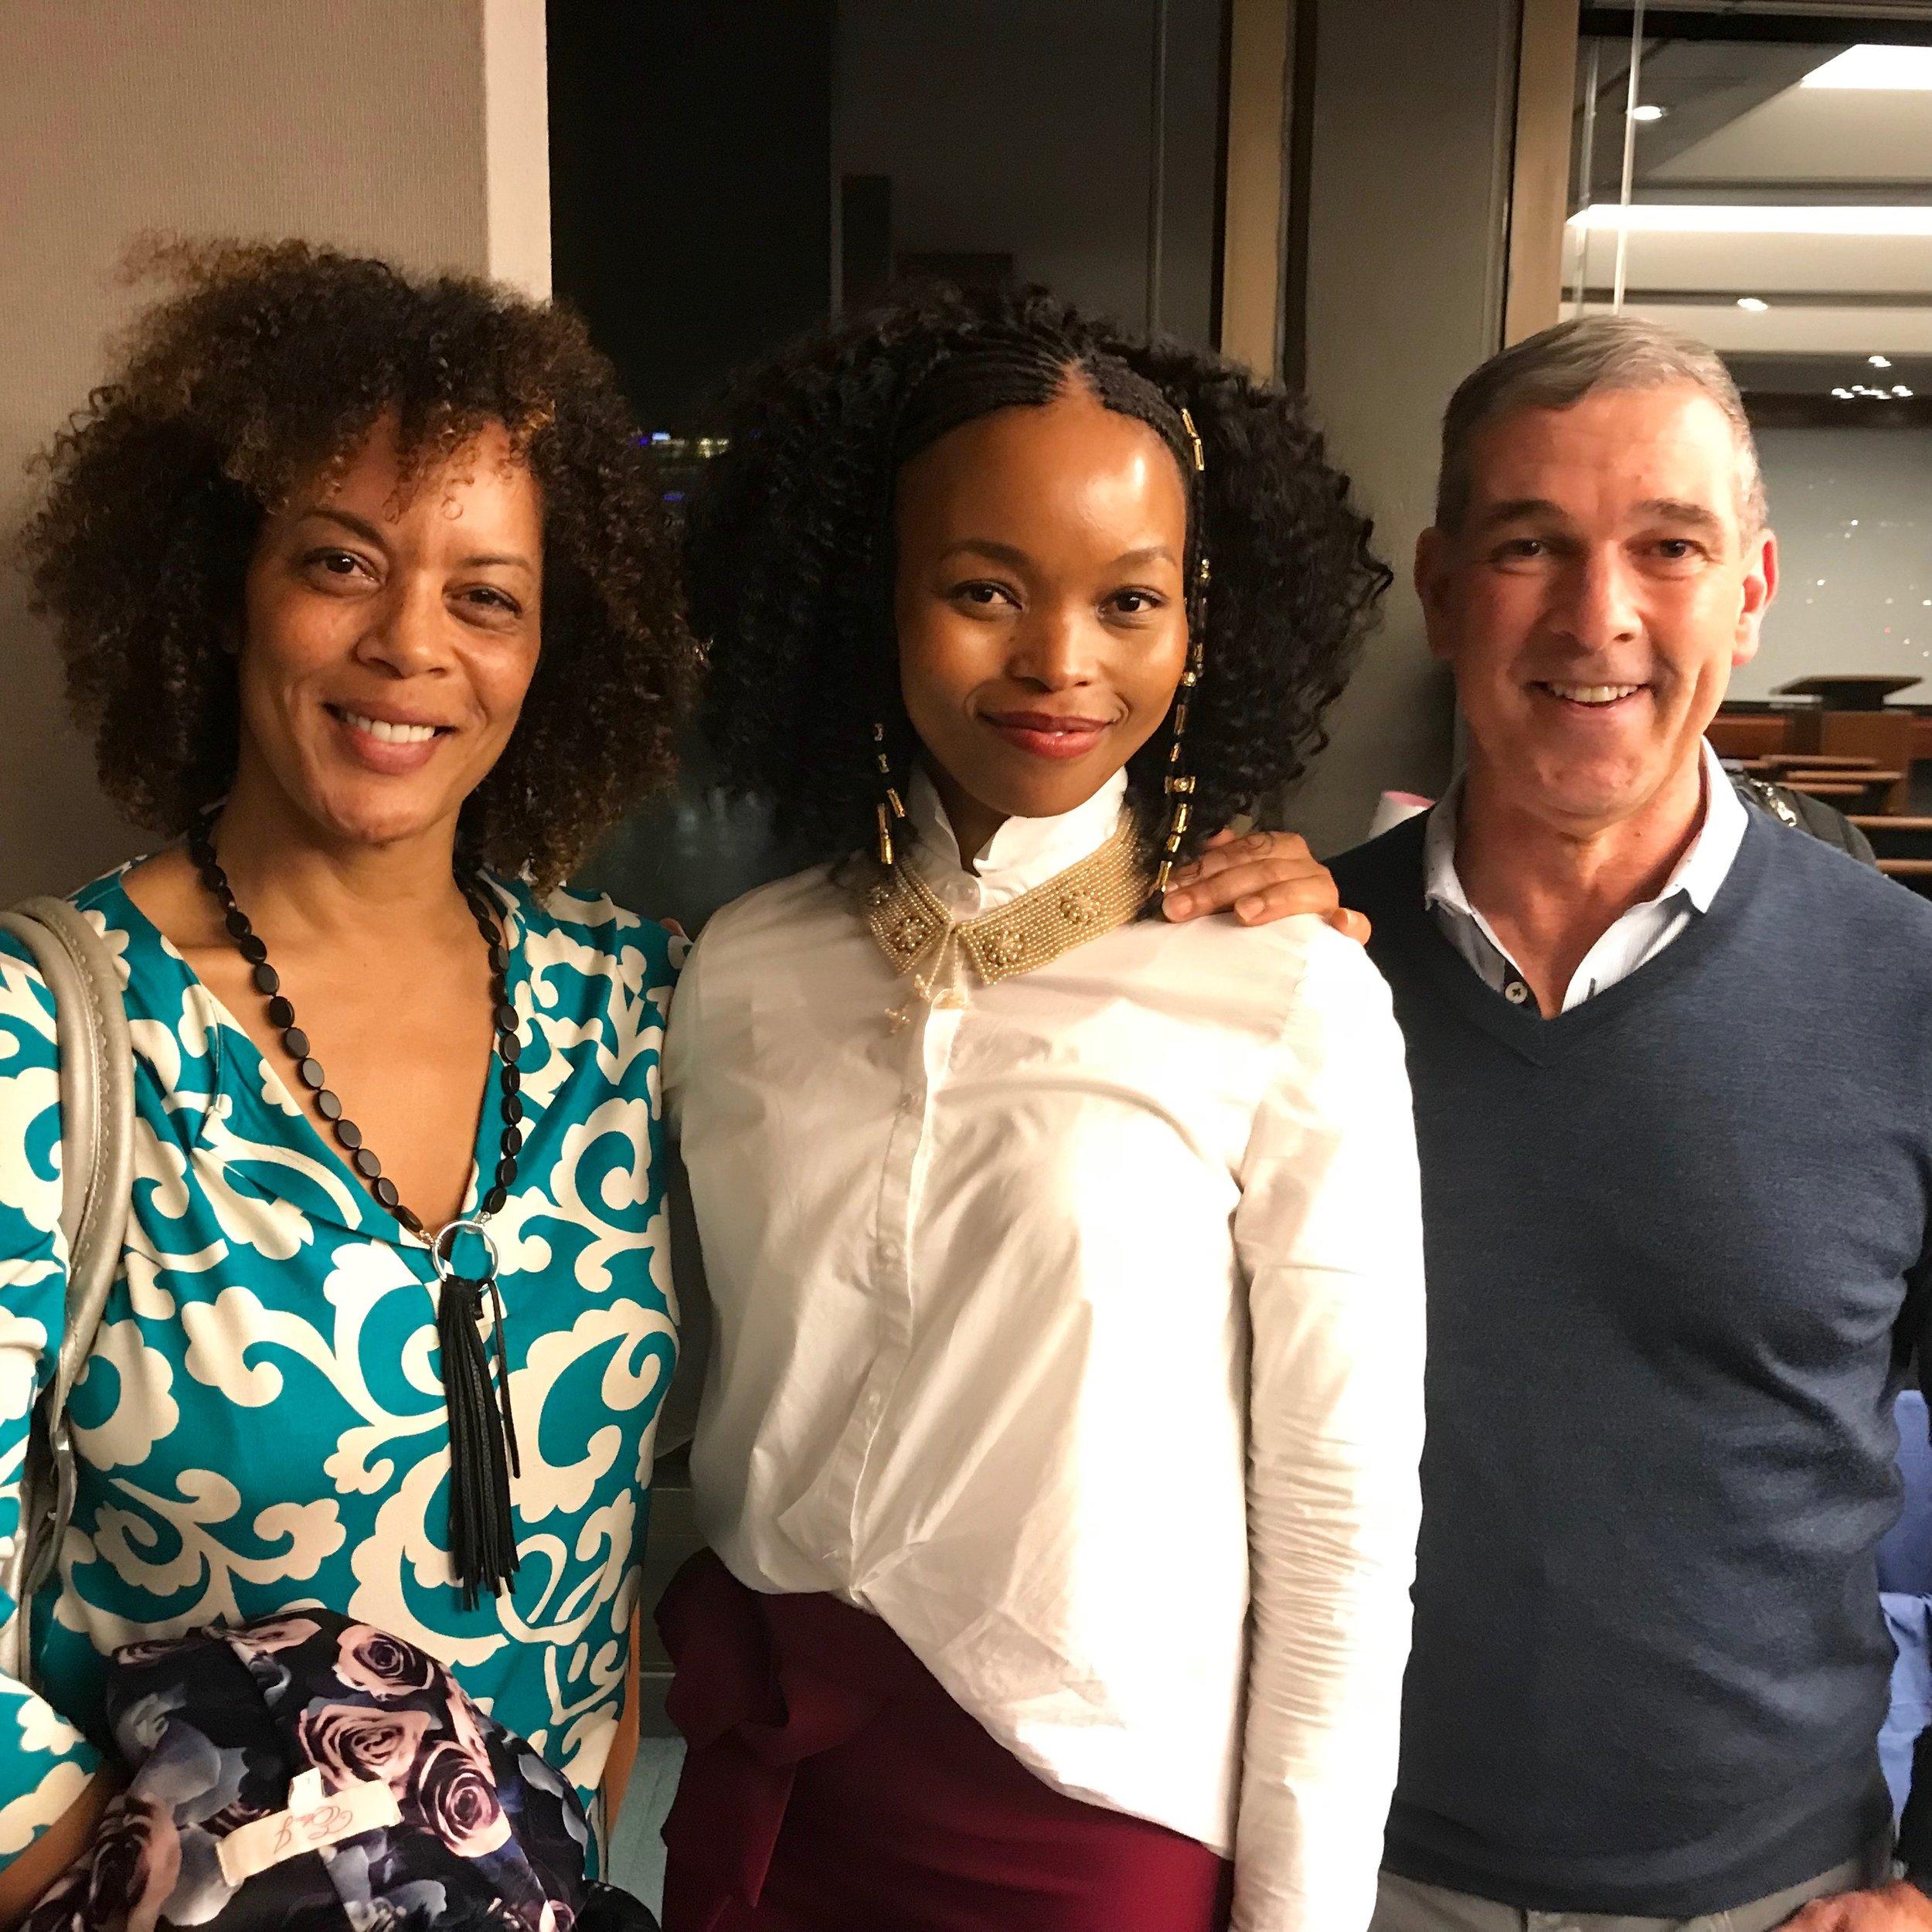 With Aminata Forna & Prof. Rodriguez